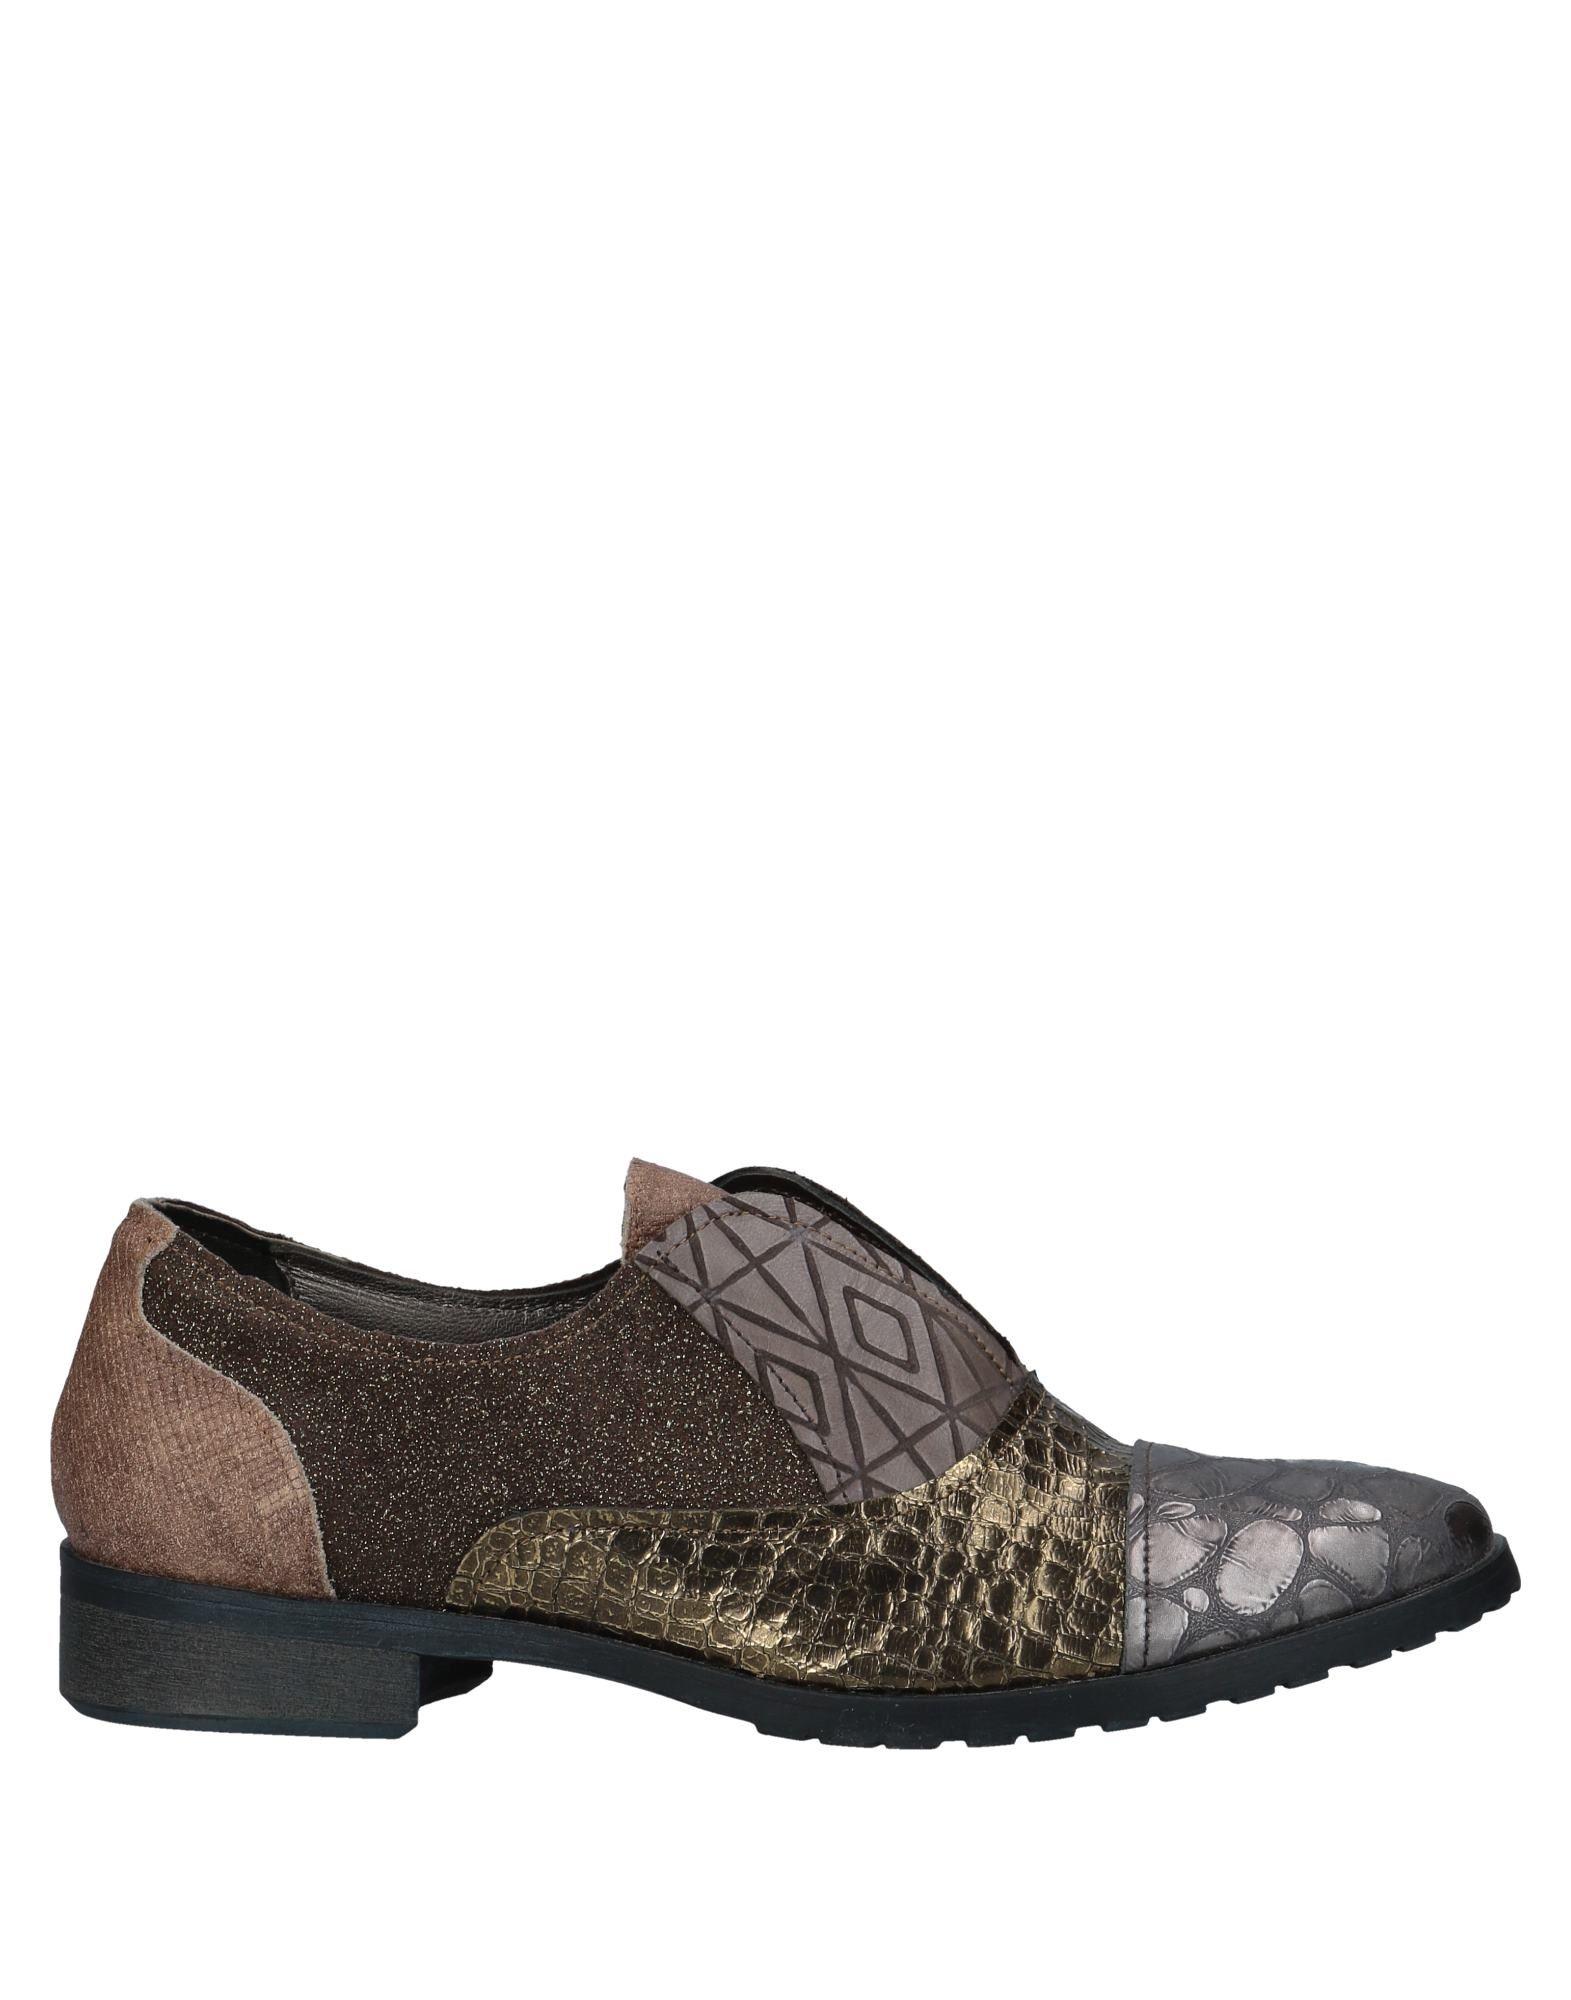 Ebarrito Mokassins Damen  11548542RP Gute Qualität beliebte Schuhe